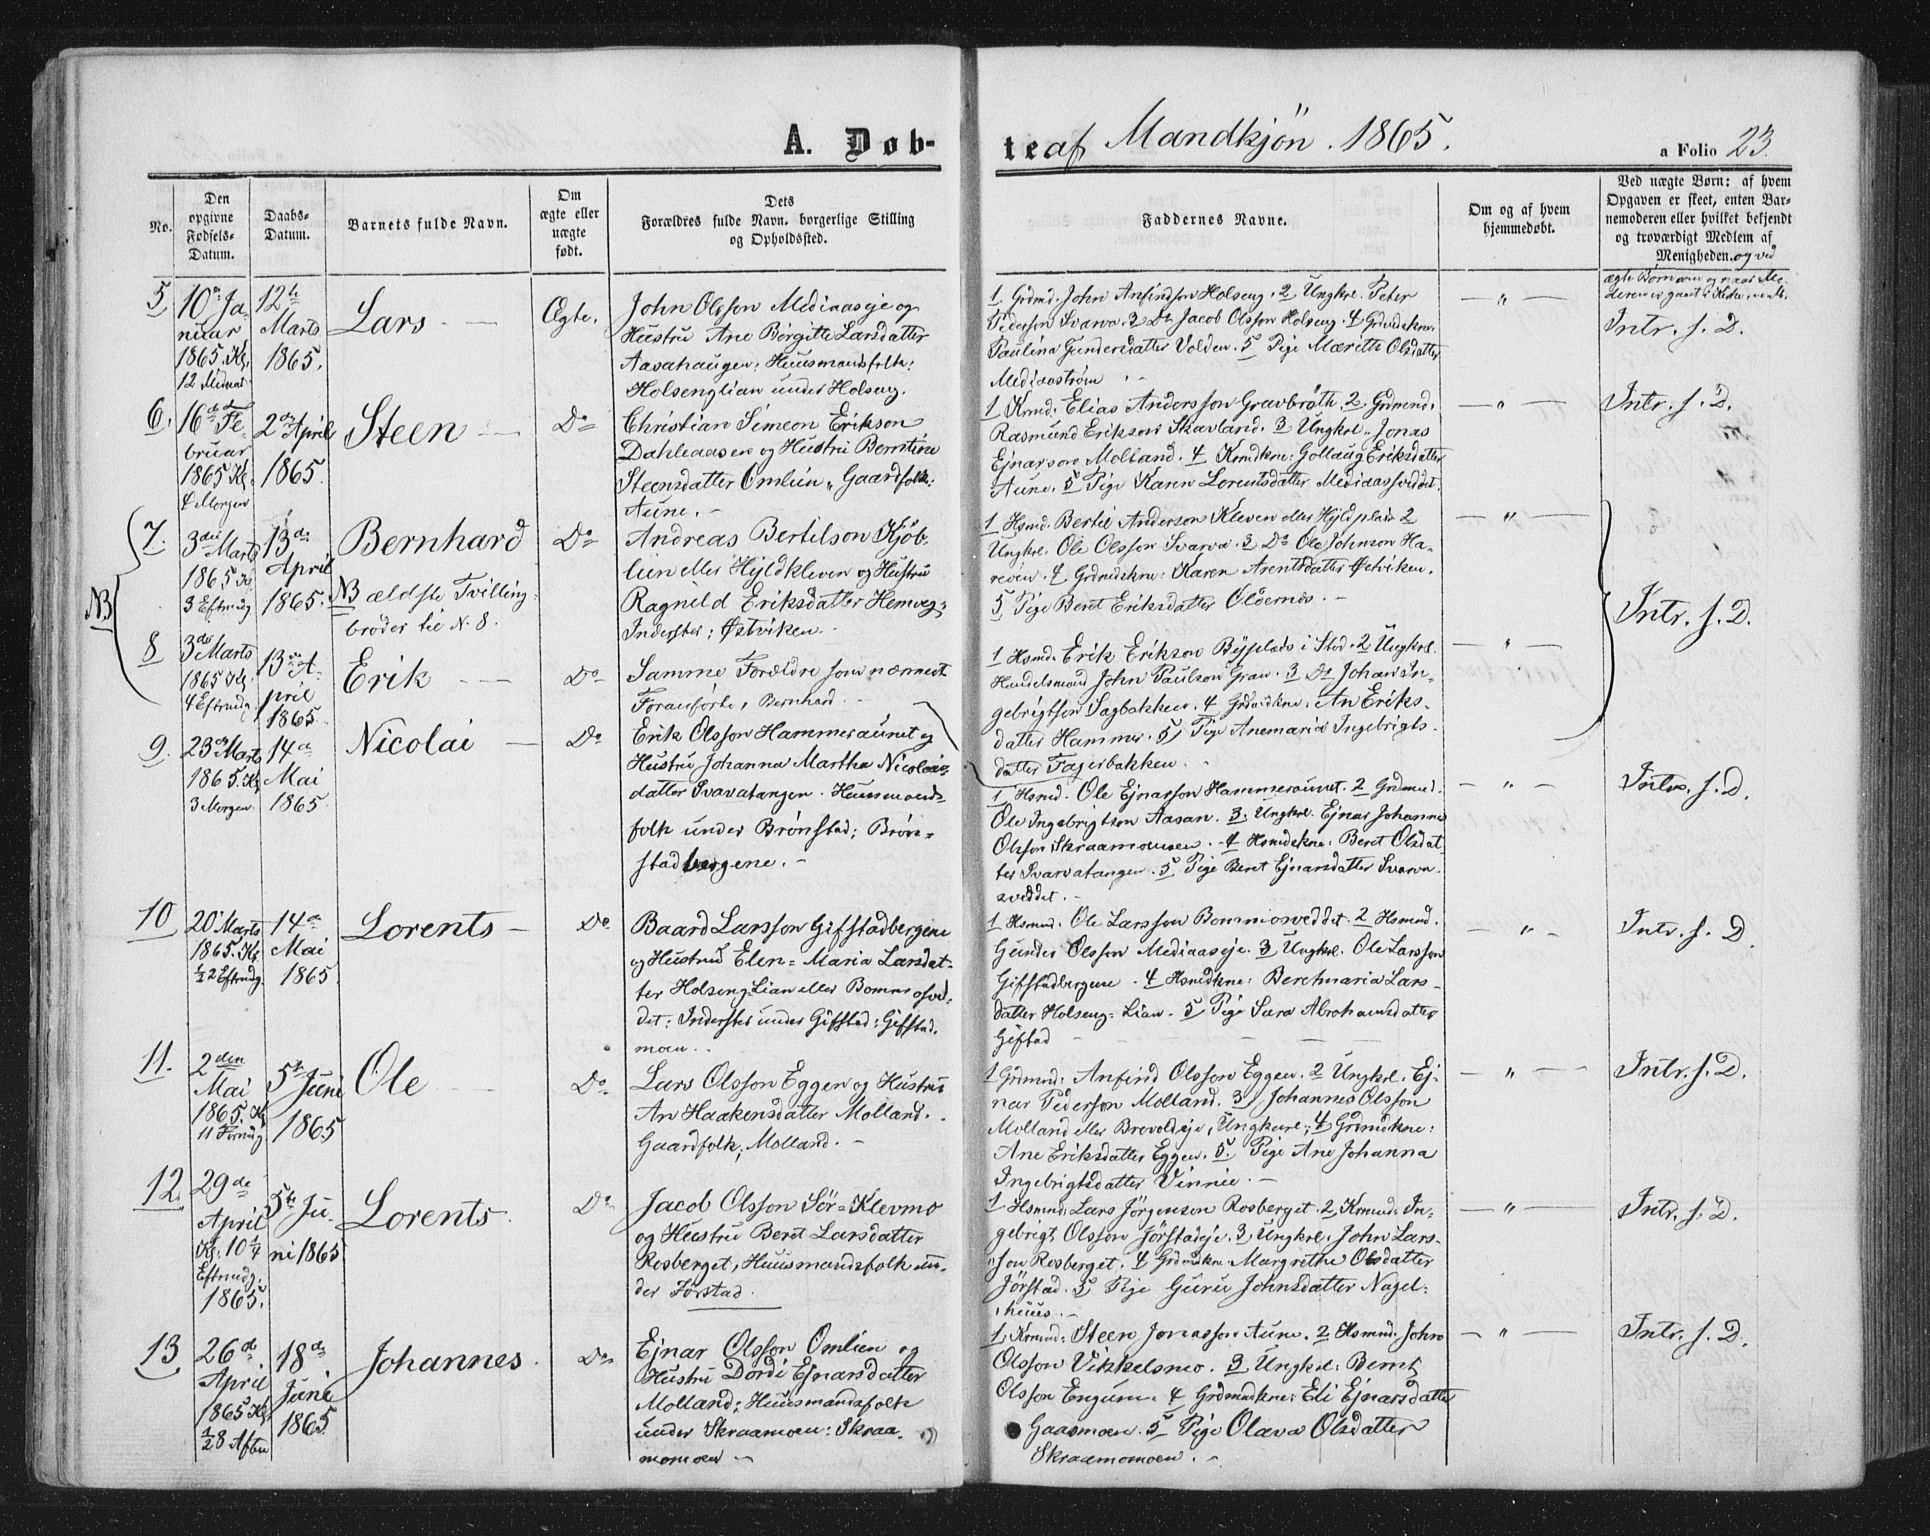 SAT, Ministerialprotokoller, klokkerbøker og fødselsregistre - Nord-Trøndelag, 749/L0472: Ministerialbok nr. 749A06, 1857-1873, s. 23